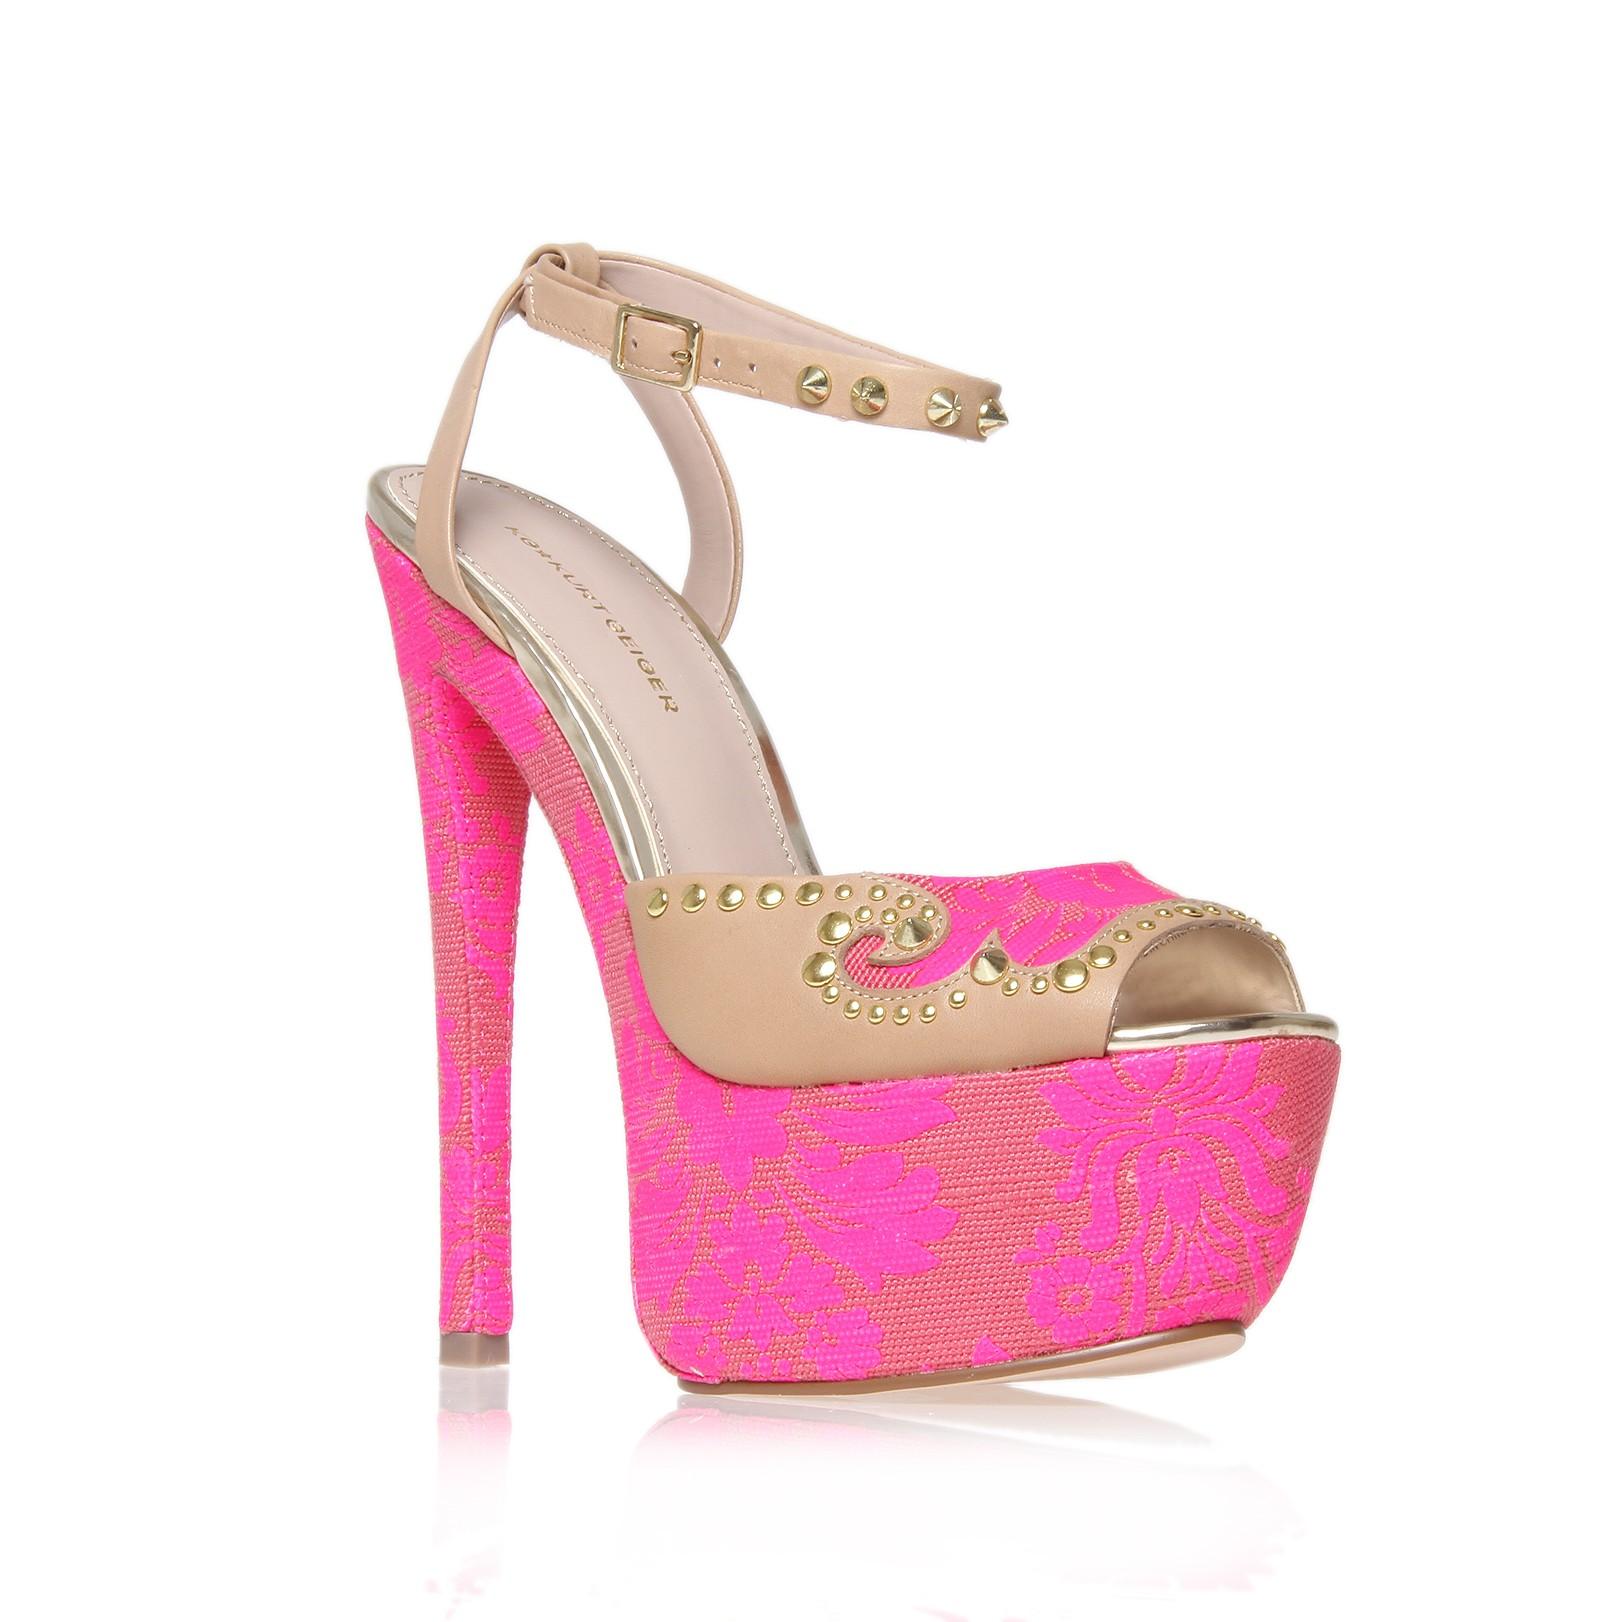 Nude Pink Slingback Shoes Australia